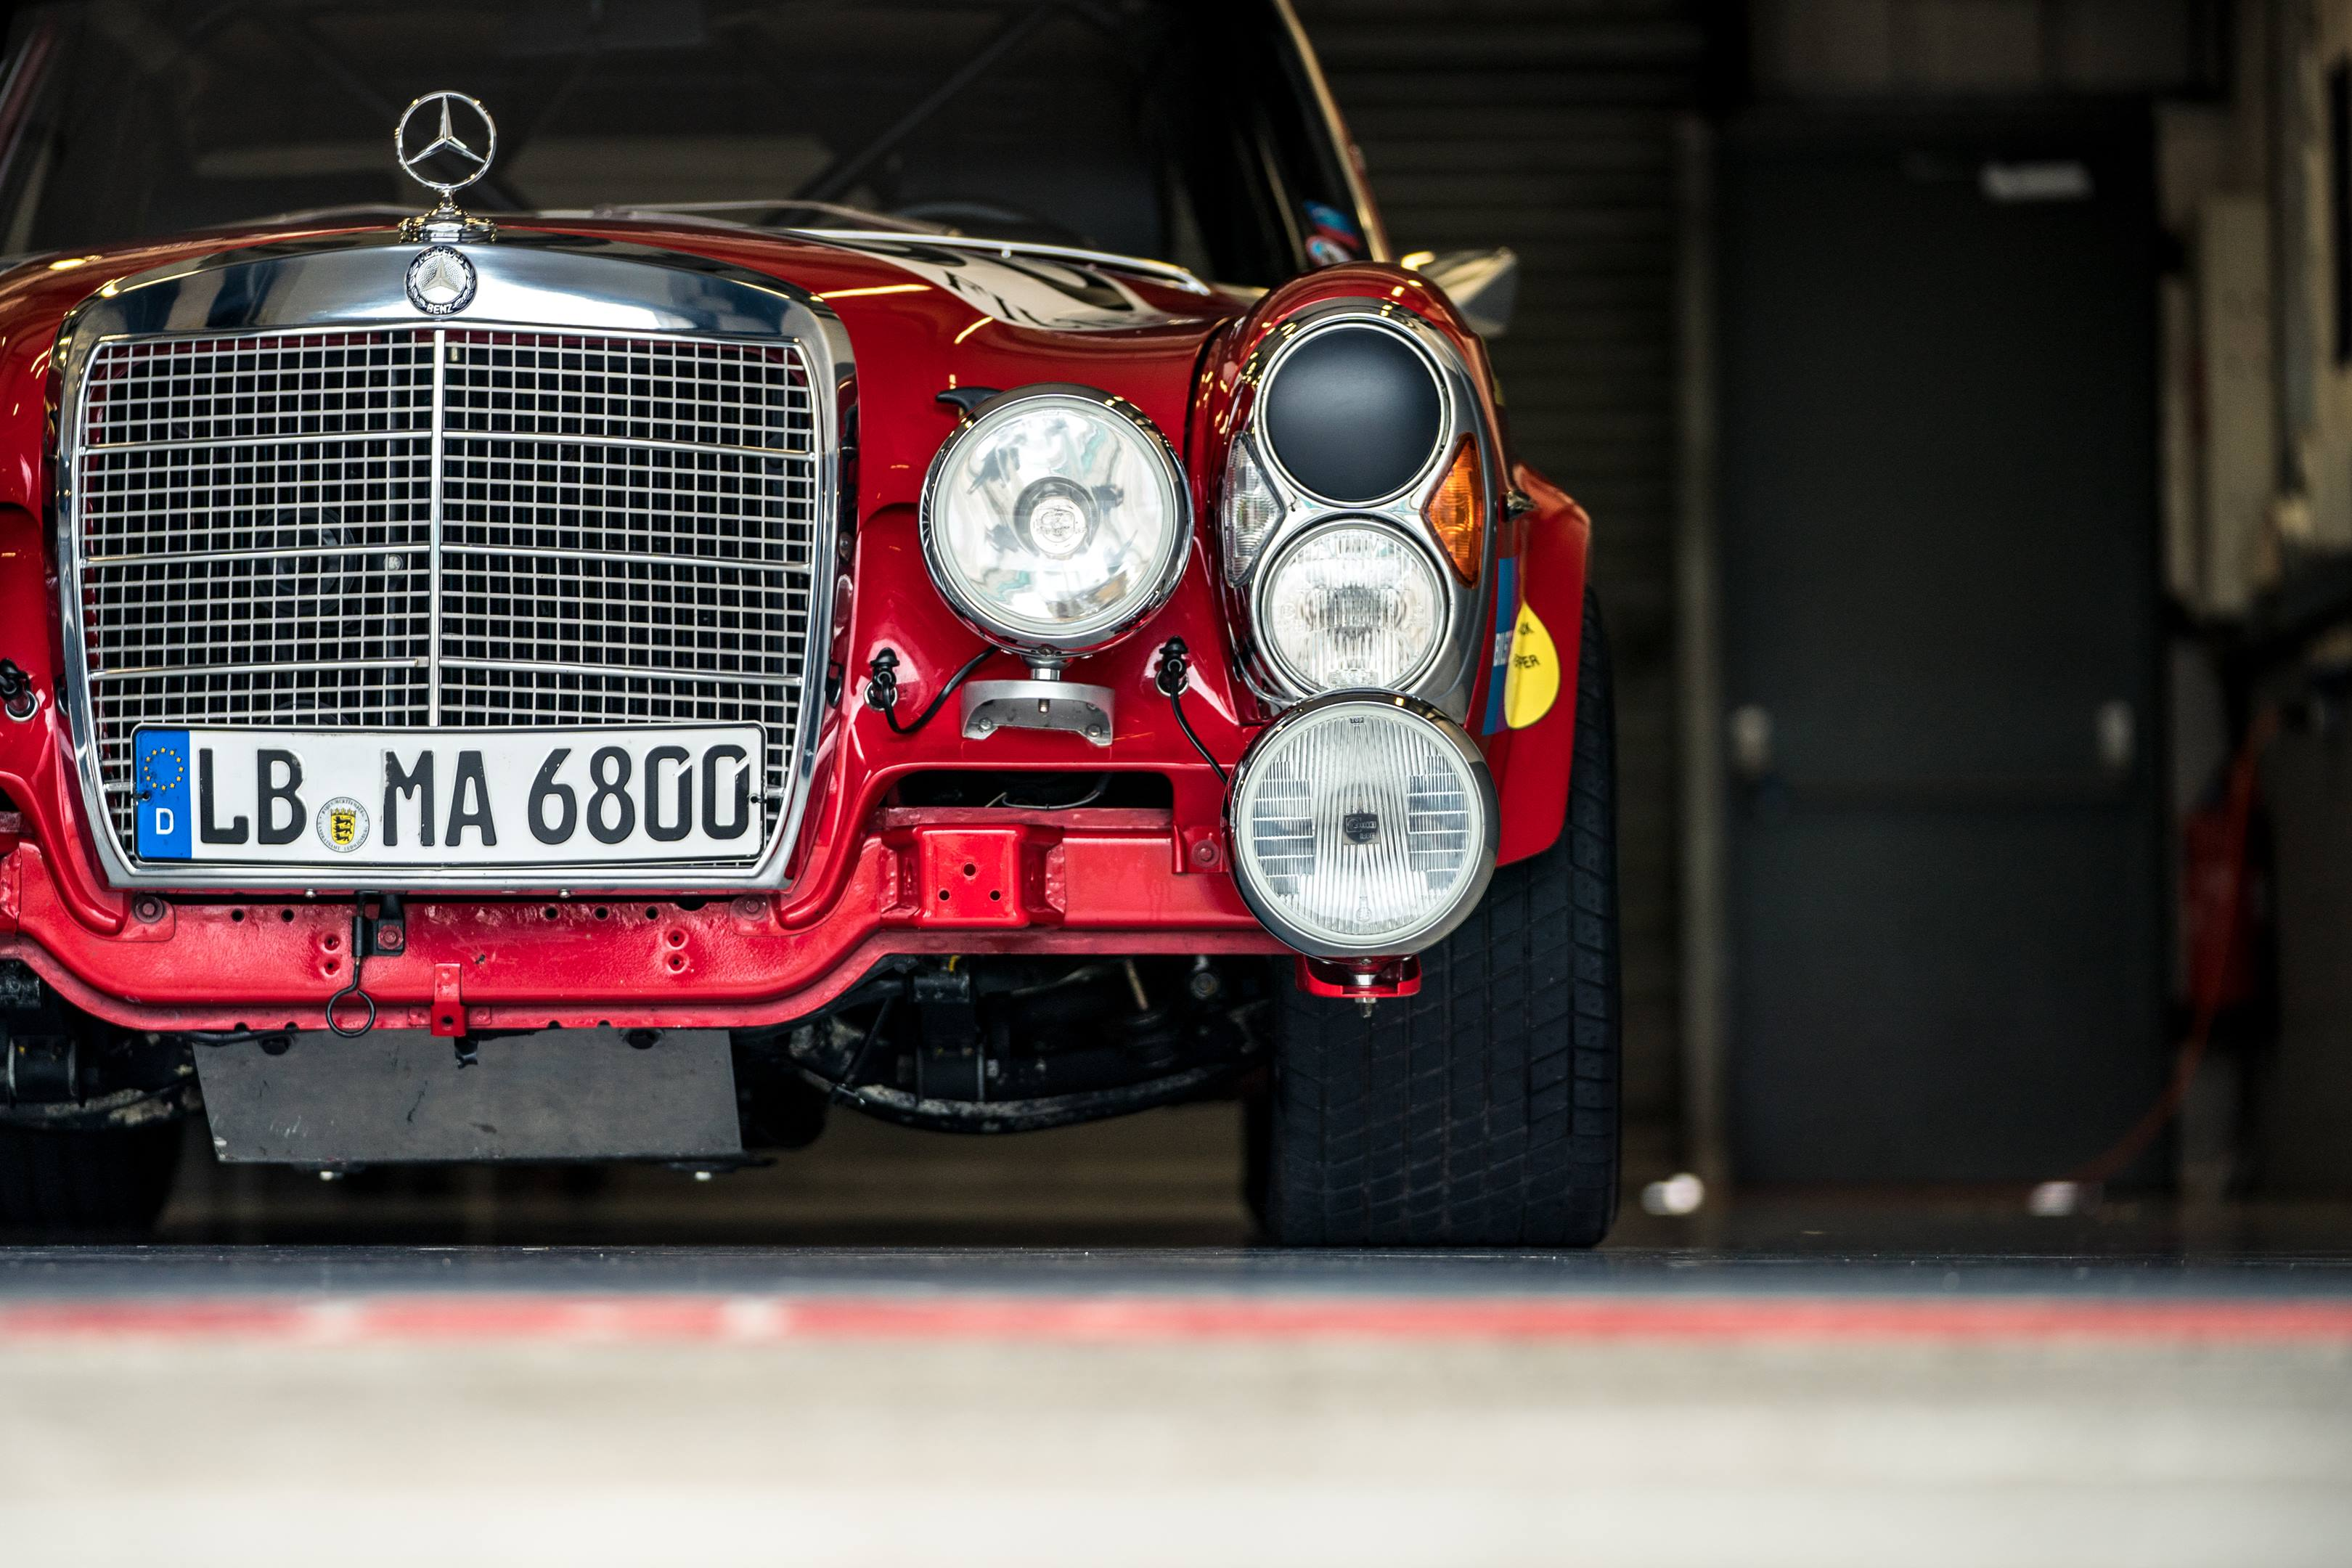 mercedes benz amg 300SEL 6.3 red pig pit garage